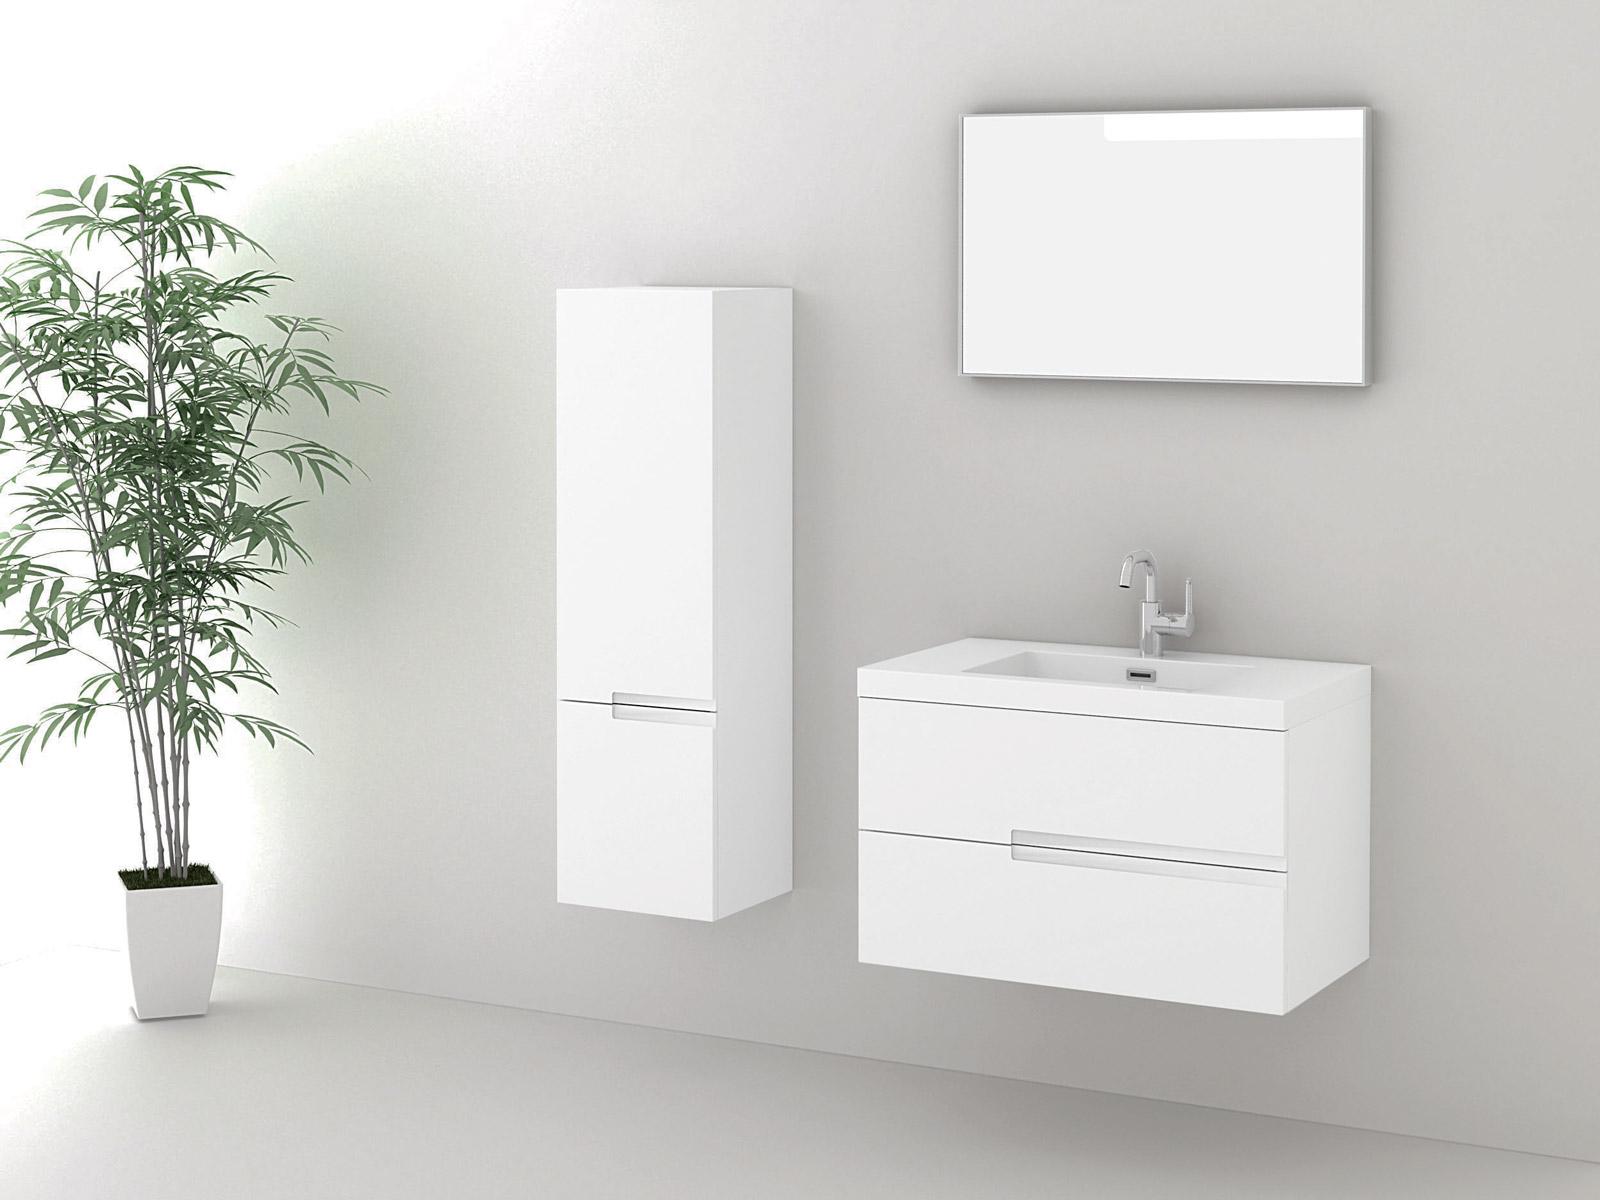 Badezimmerm bel set helsinki badewelt badezimmer m bel for Badezimmermobel hersteller